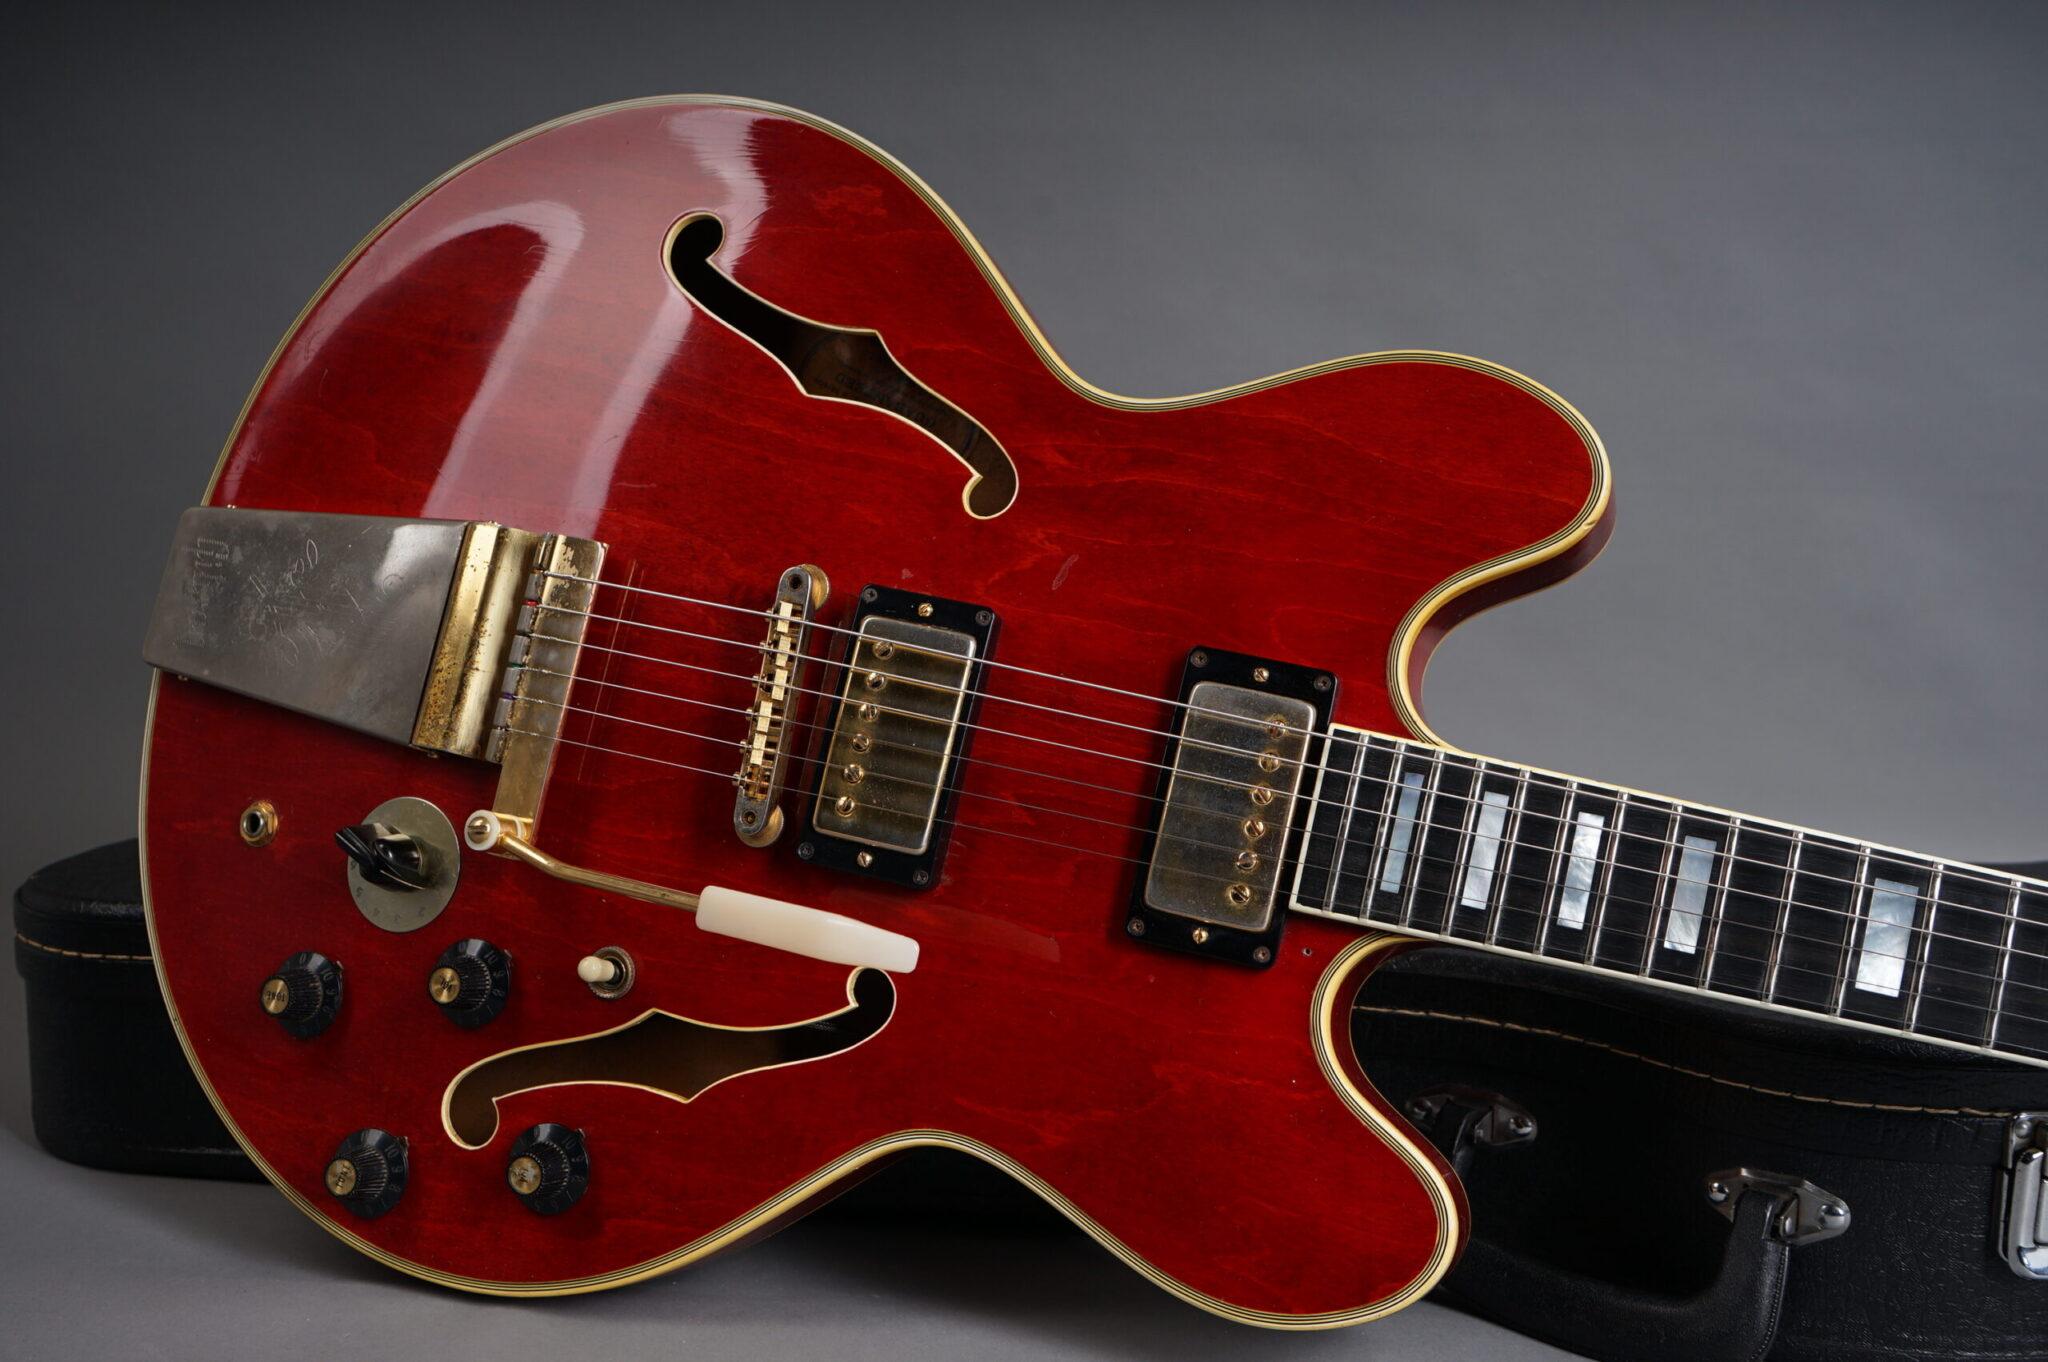 https://guitarpoint.de/app/uploads/products/1969-gibson-es-355-tdsv-cherry/1969-gibson-es355-875589-8-scaled-2048x1362.jpg